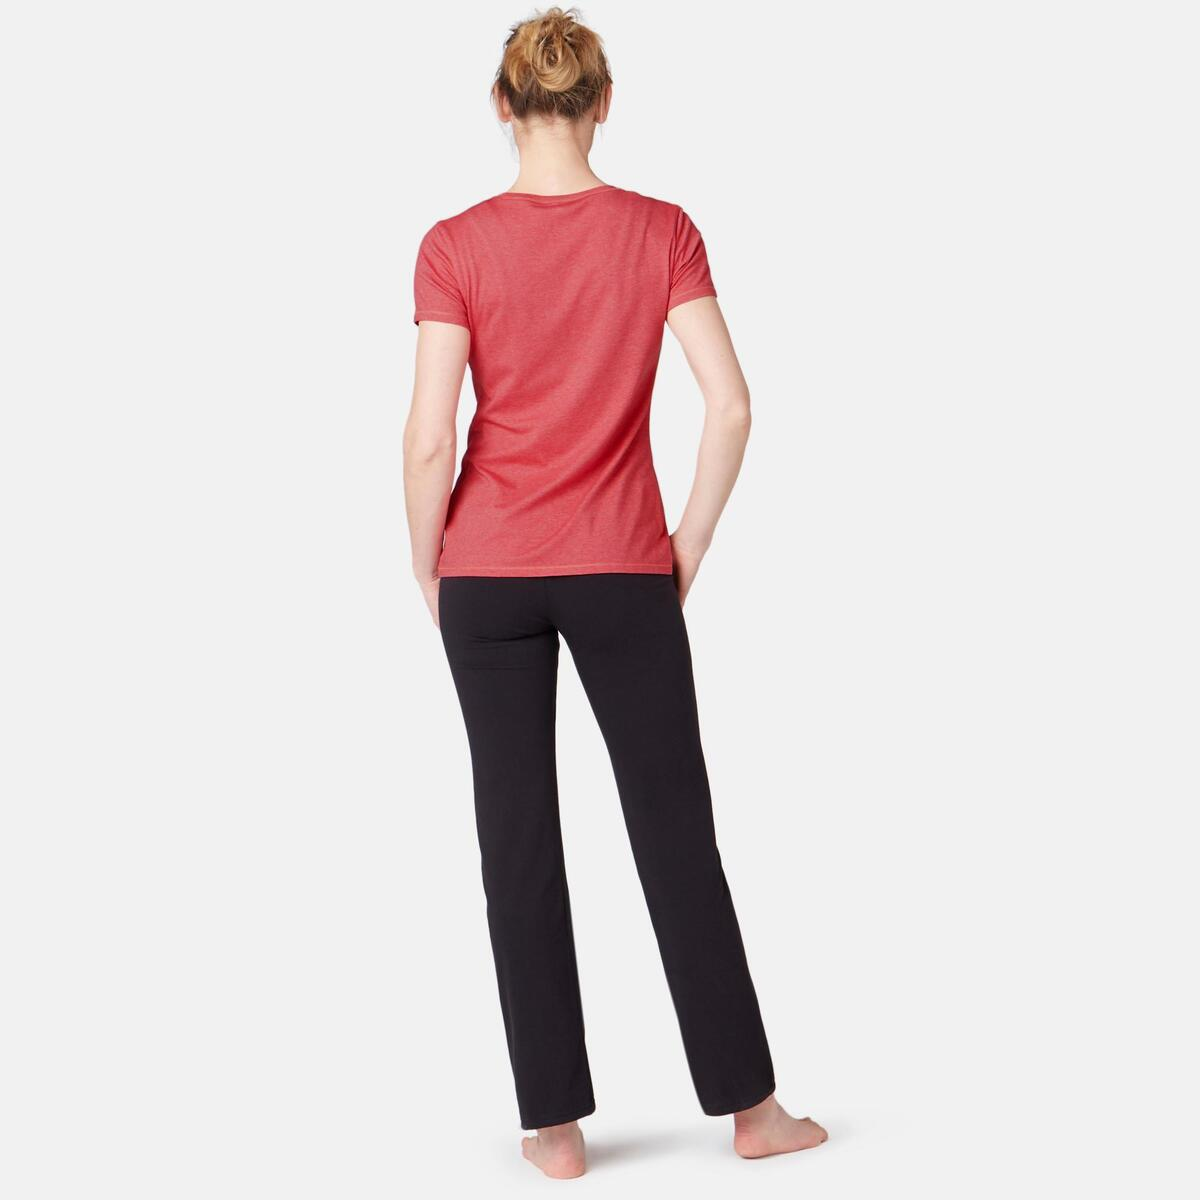 Bild 4 von T-Shirt 500 Regular Sport Pilates sanfte Gym Damen rosa